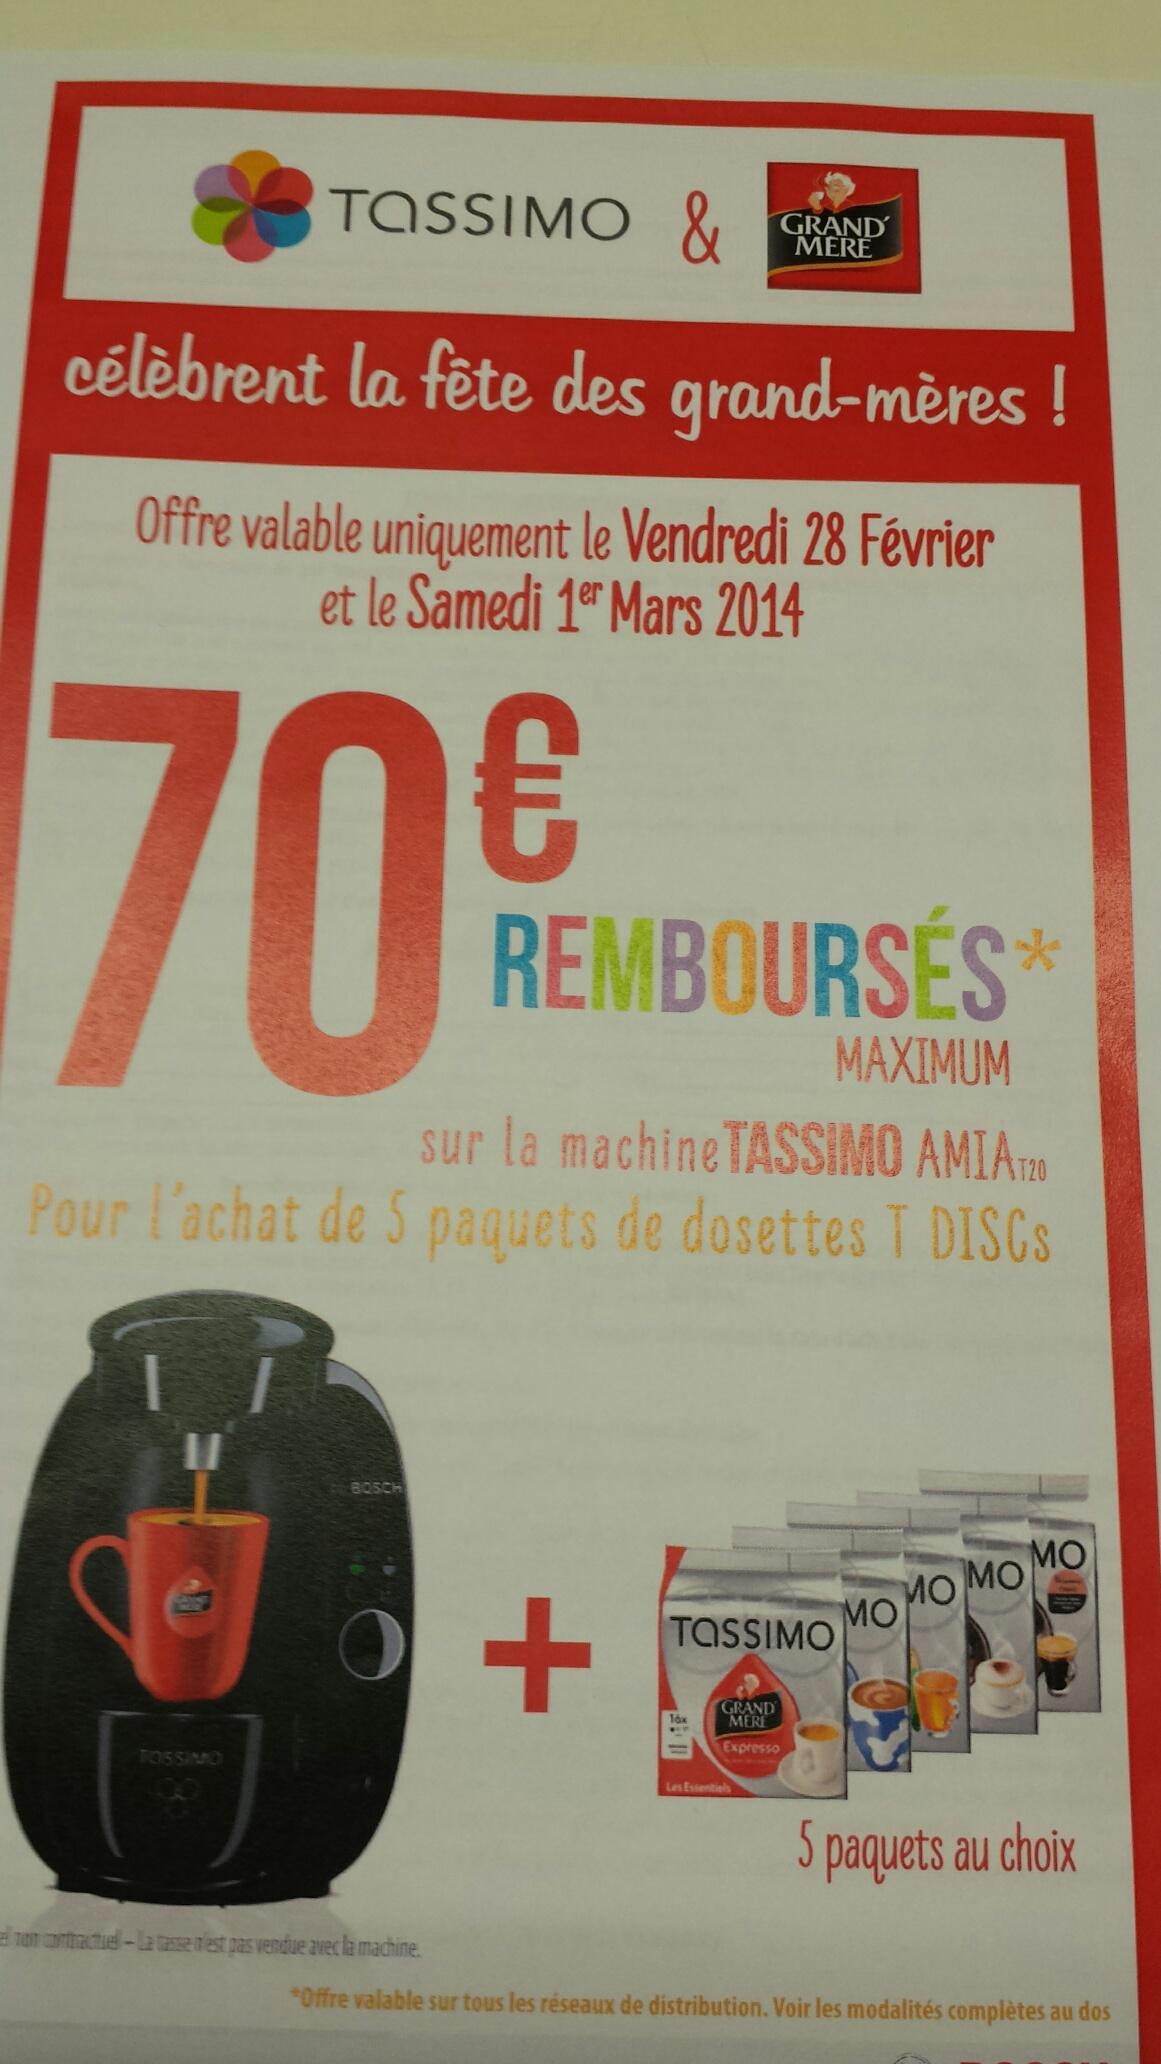 Machine à café Tassimo AMIA T20 + 5 paquets de T-disc (avec ODR 70€) 100% remboursée